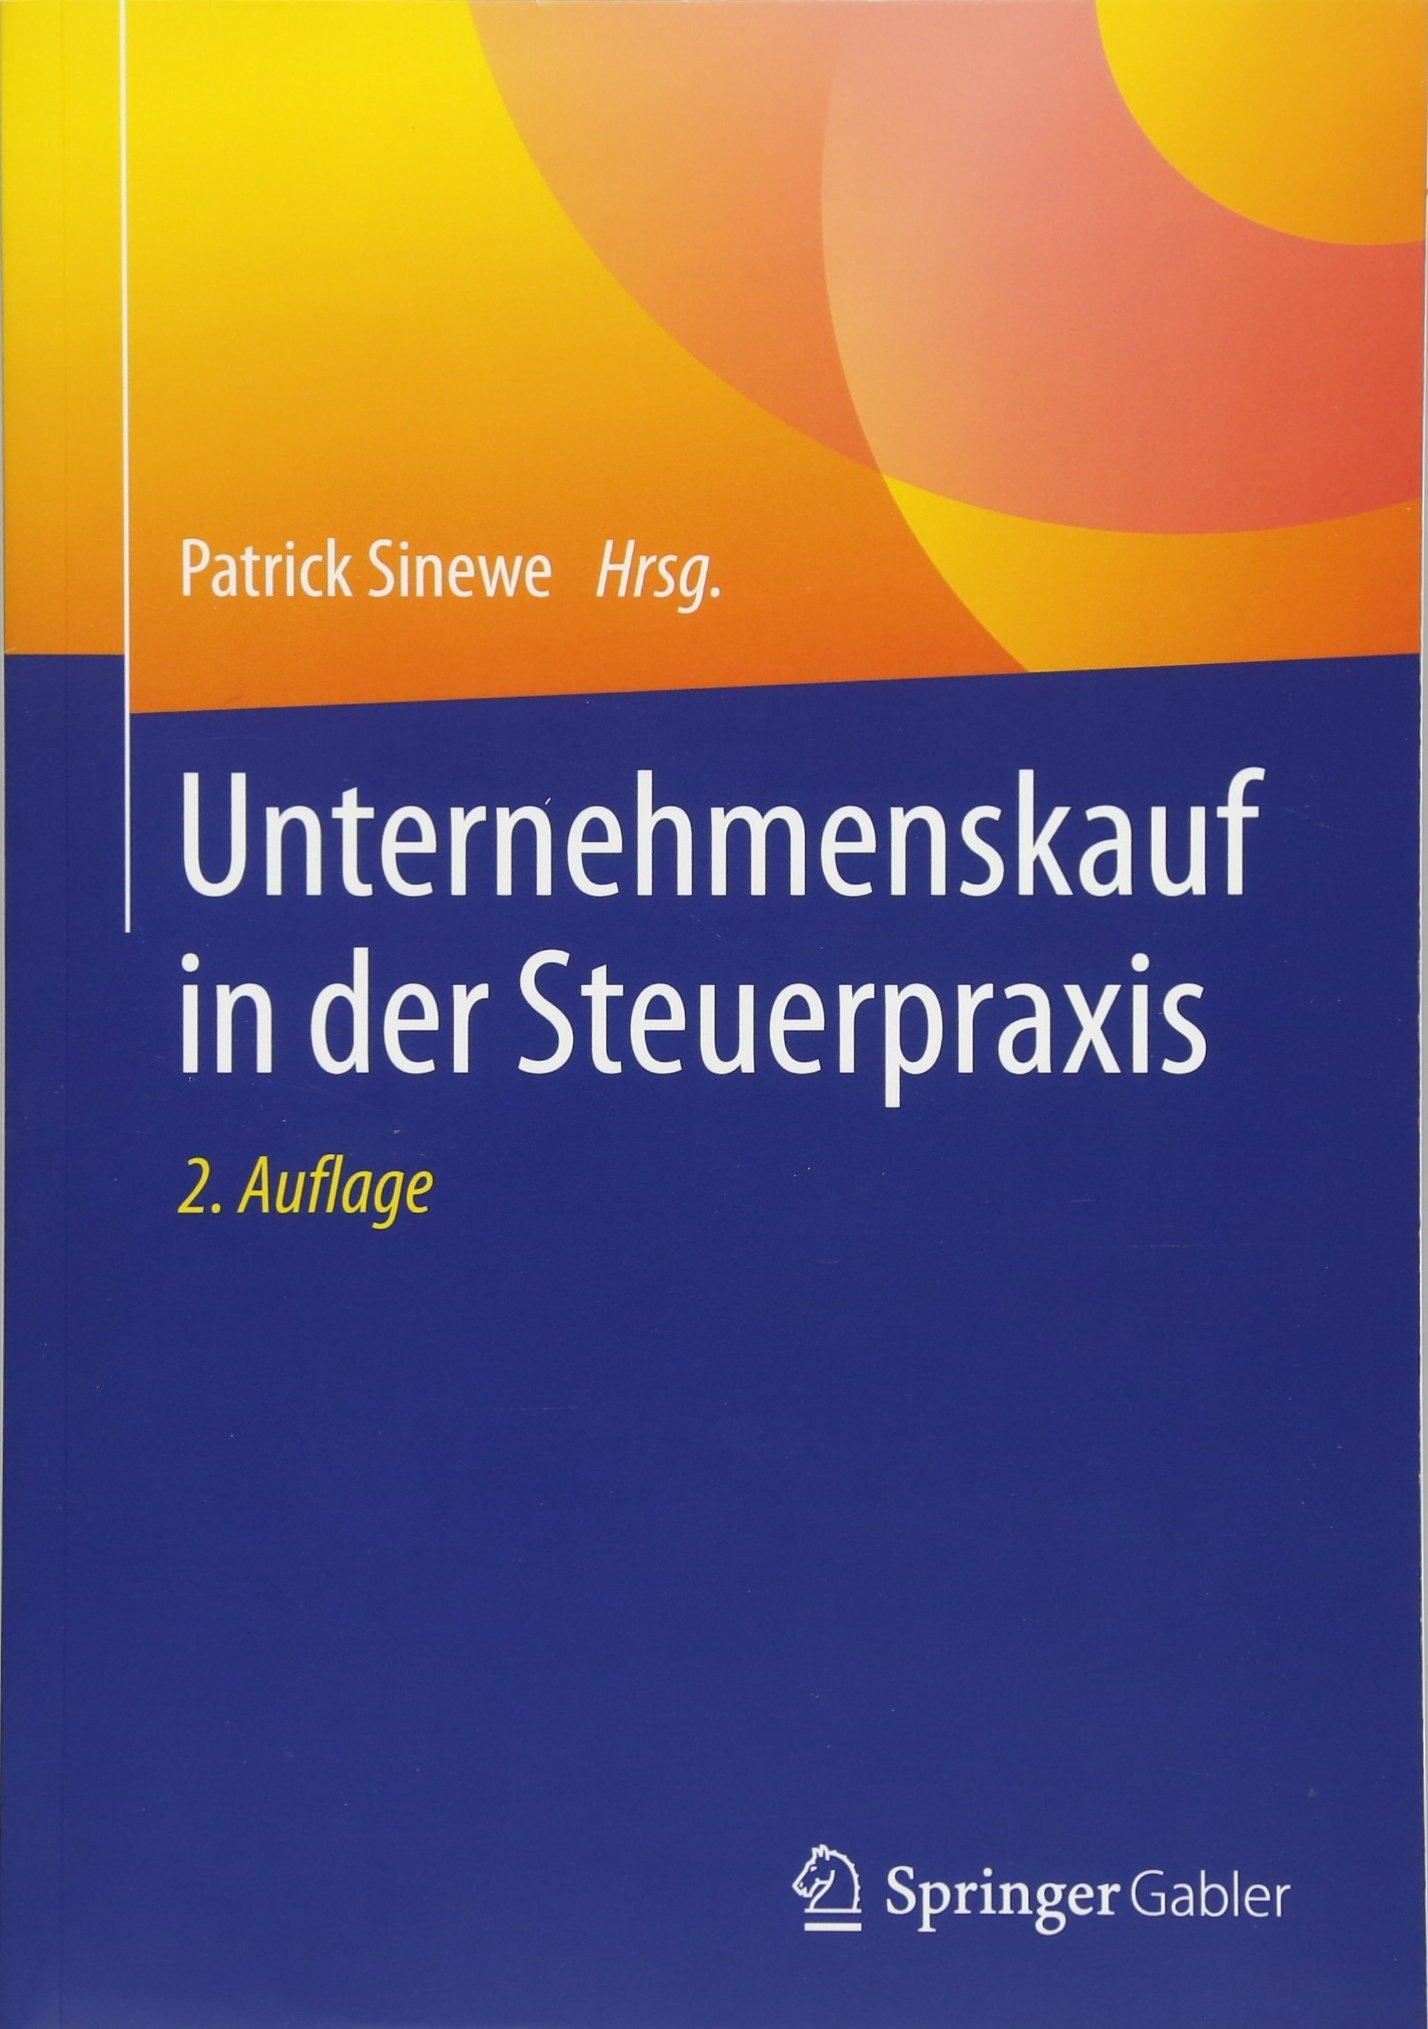 Unternehmenskauf in der Steuerpraxis Taschenbuch – 7. Februar 2018 Patrick Sinewe Springer Gabler 3658172800 Betriebswirtschaft